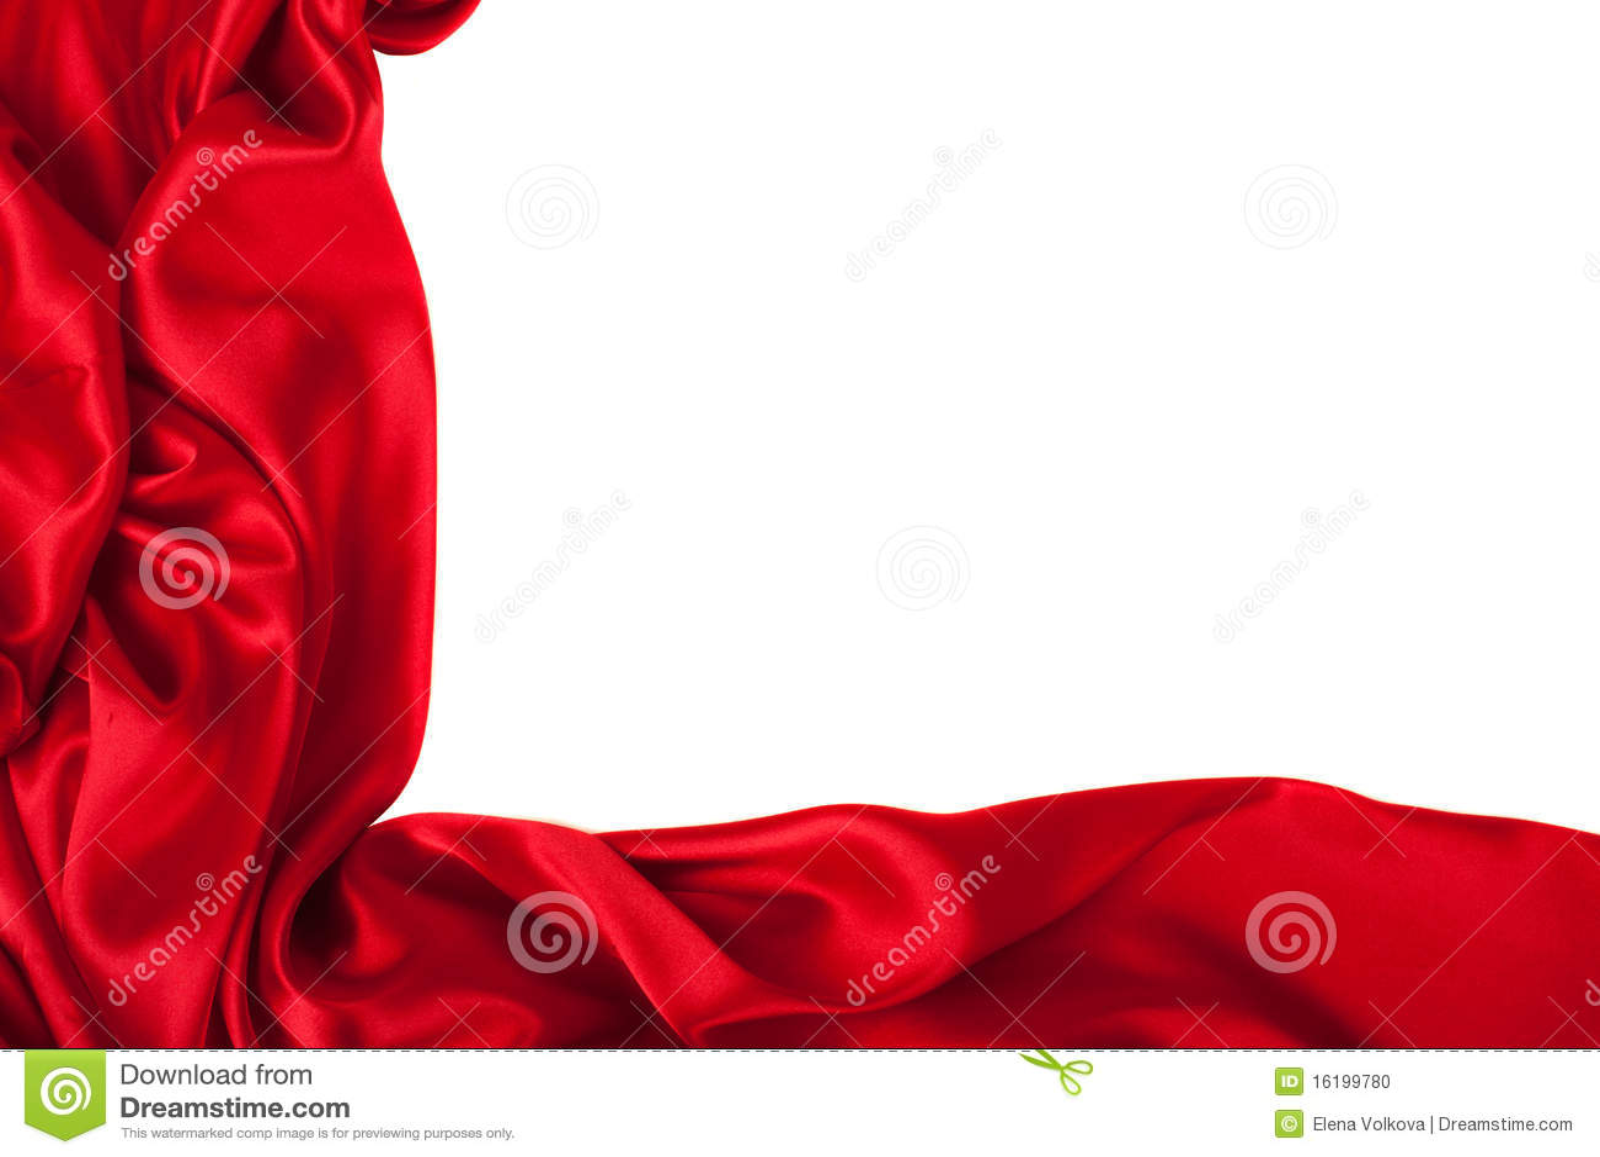 Gdy tło może używać gładki elegancki czerwony jedwab